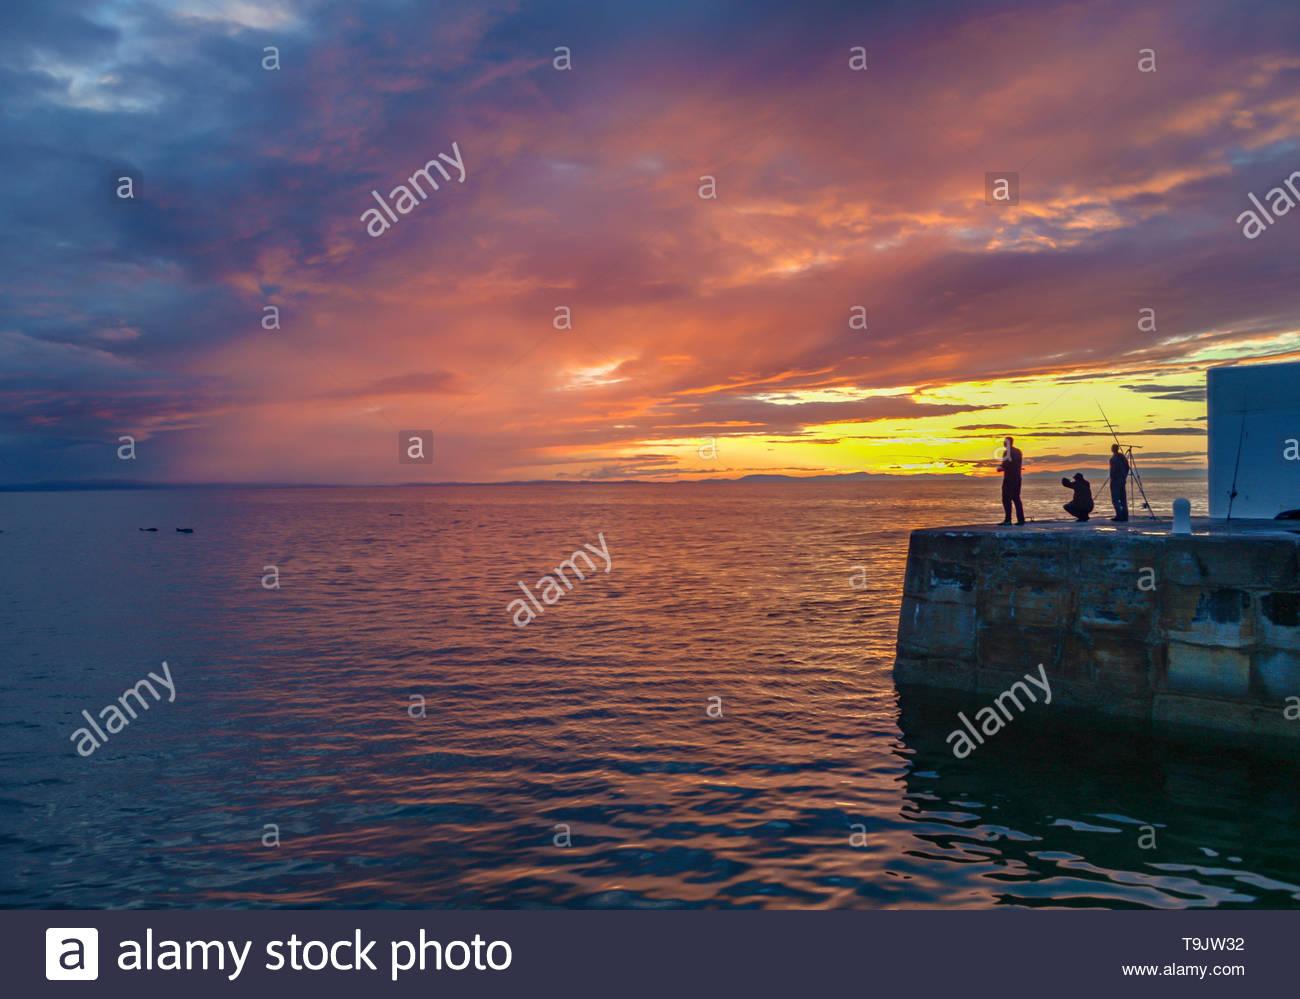 Sunset, Fishing, Dolphins - Stock Image